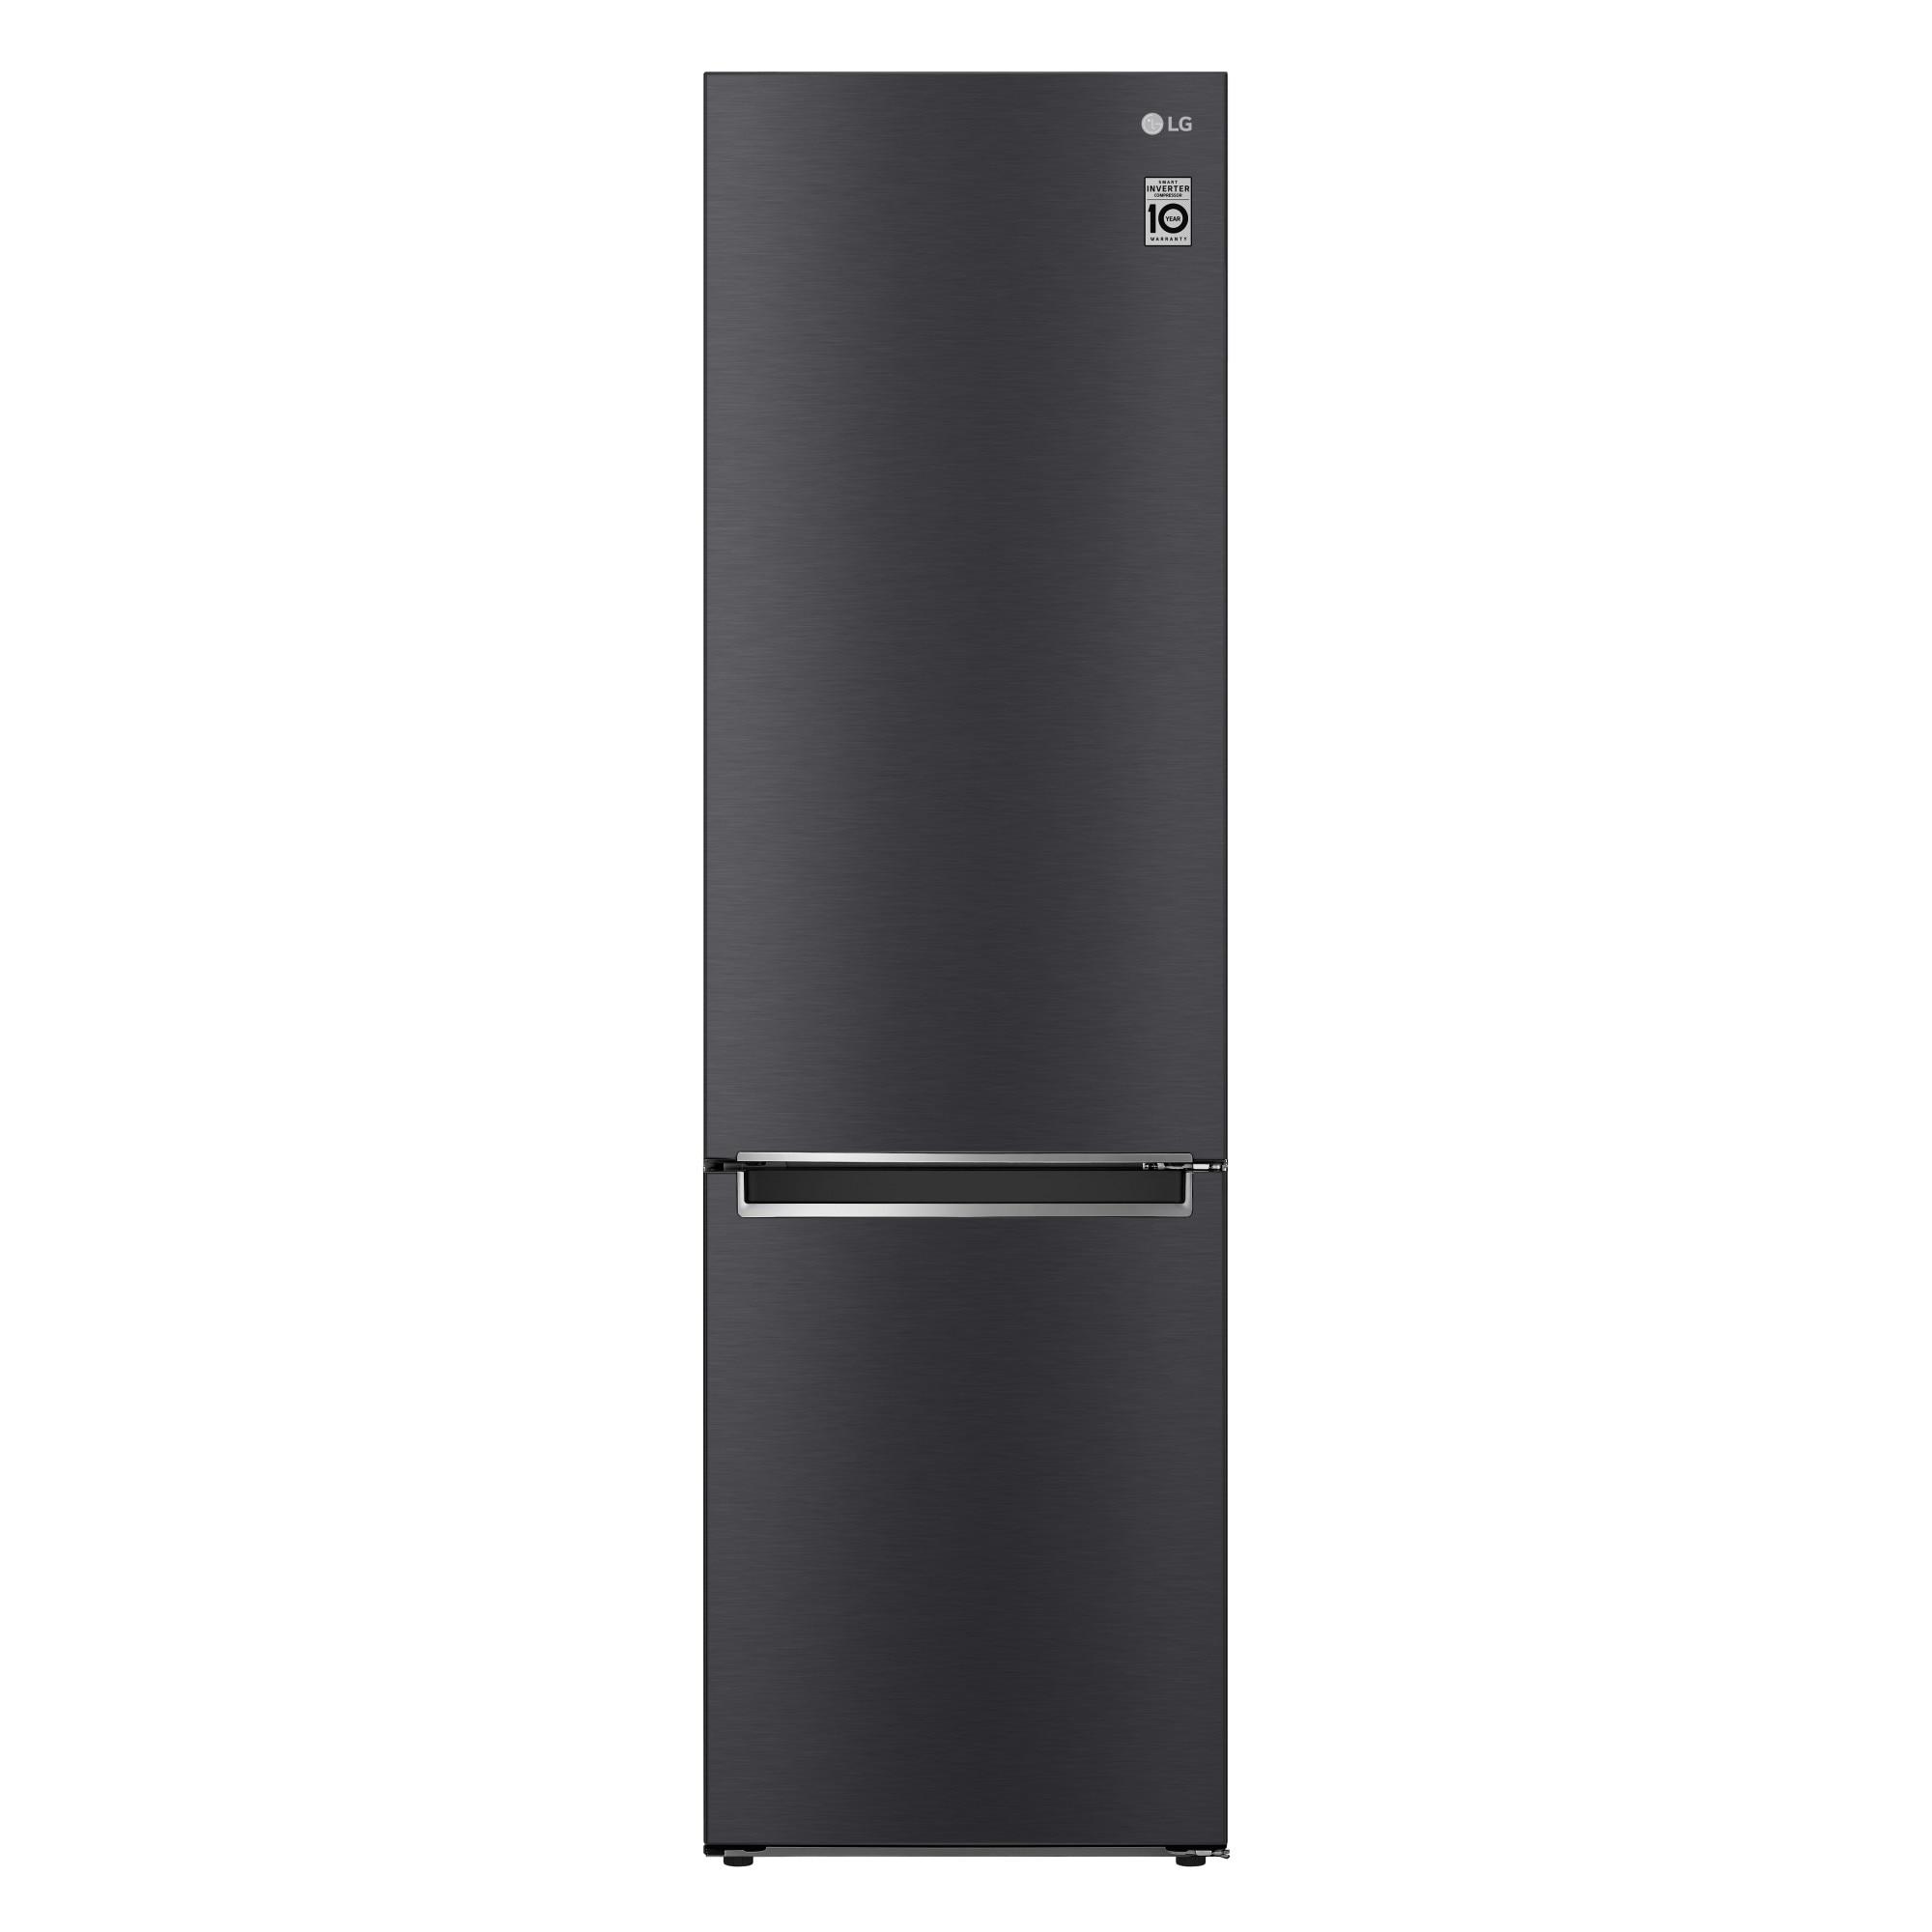 Fotografie Combina frigorifica LG GBB62MCJMN, 384 l, Clasa A++, No Frost, Smart Diagnosis, H 203 cm, Negru